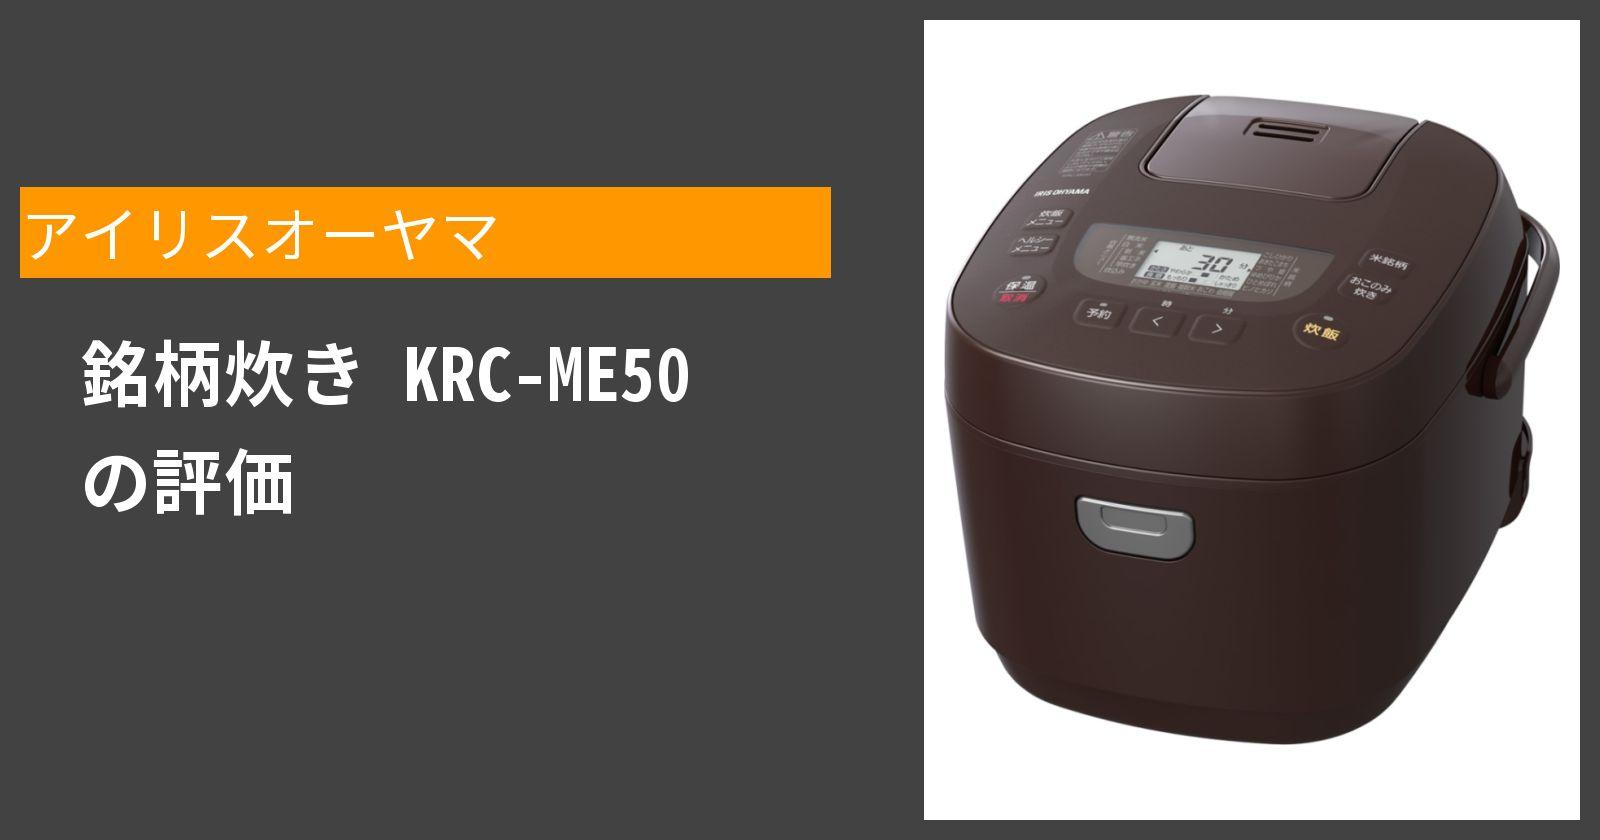 銘柄炊き KRC-ME50を徹底評価